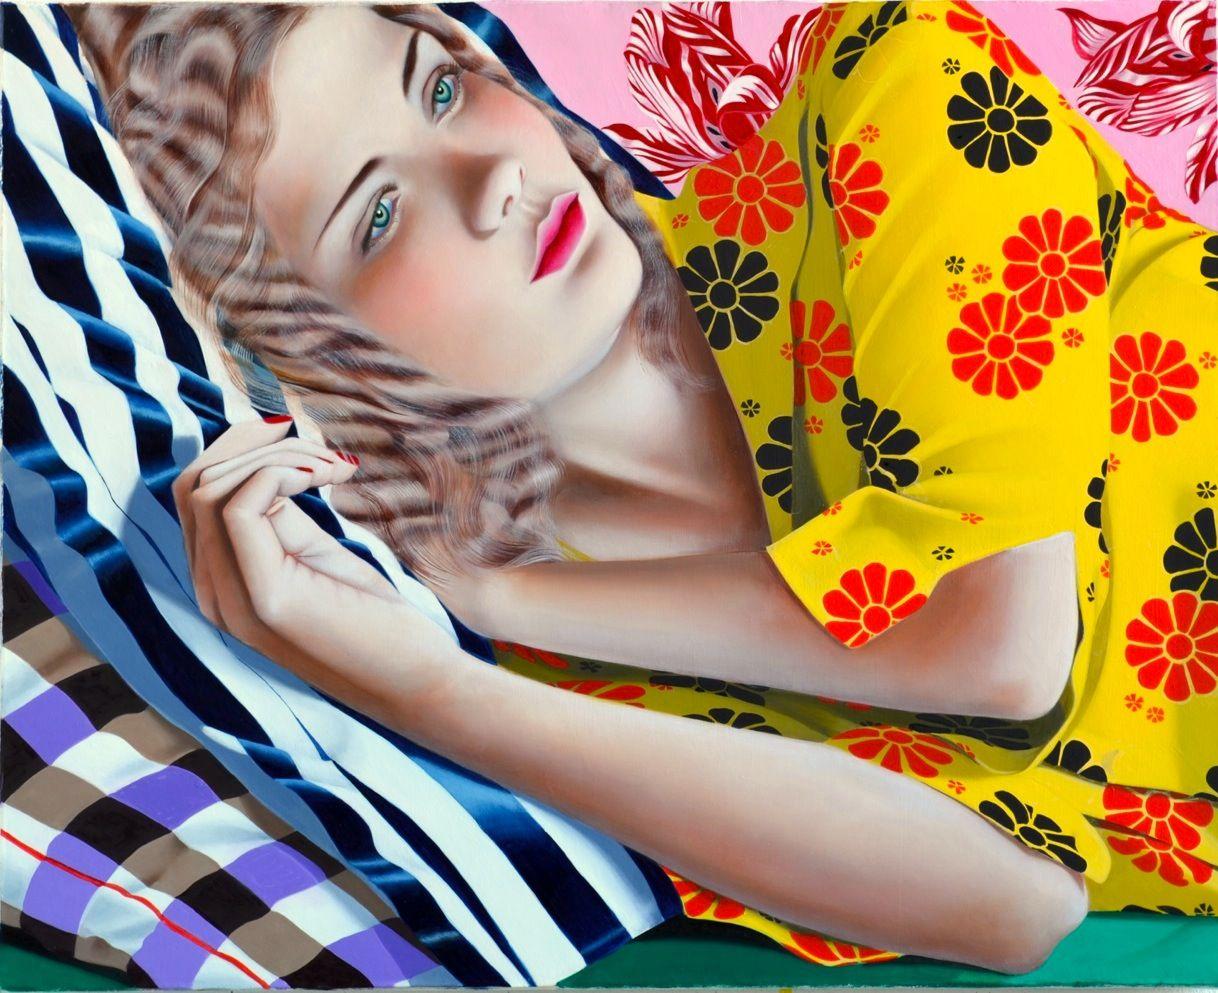 Jocelyn Hobbie, Untitled (Yellow), 2014